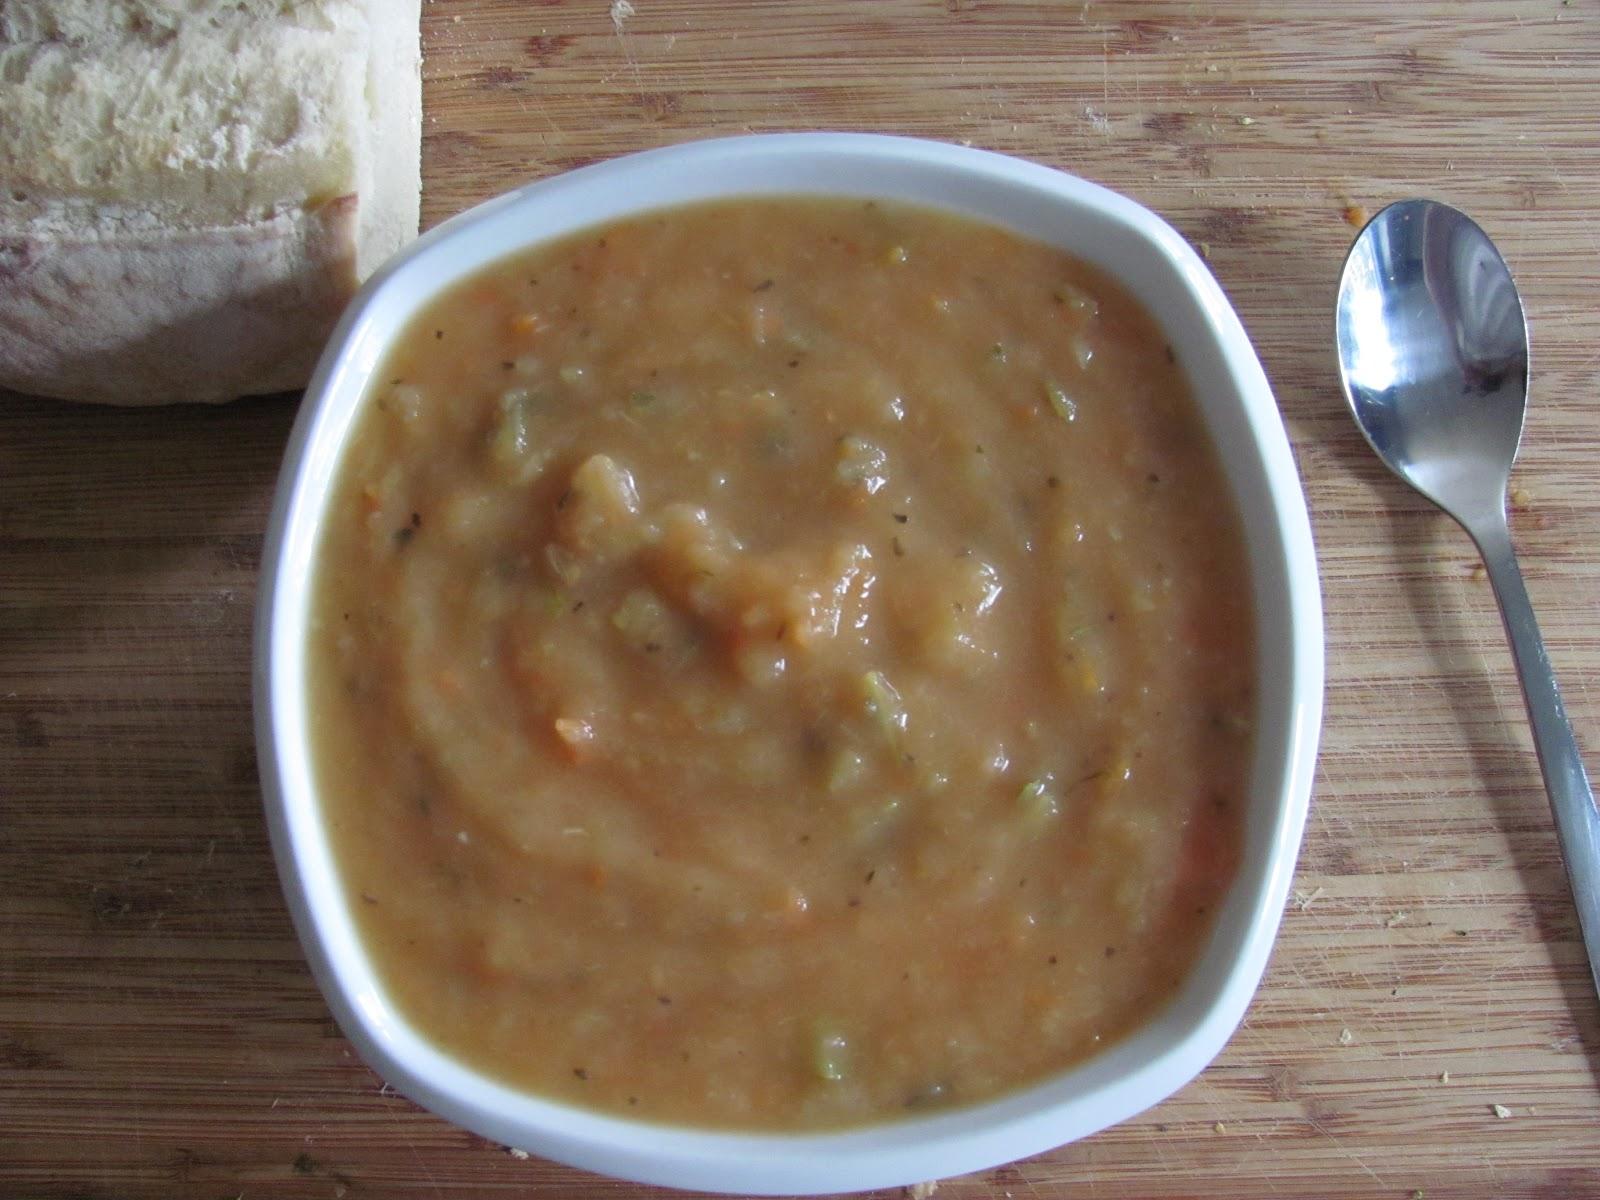 Anecdotes de cuisine potage la courgette mammouth tomate et basilic - Potage a la tomate maison ...